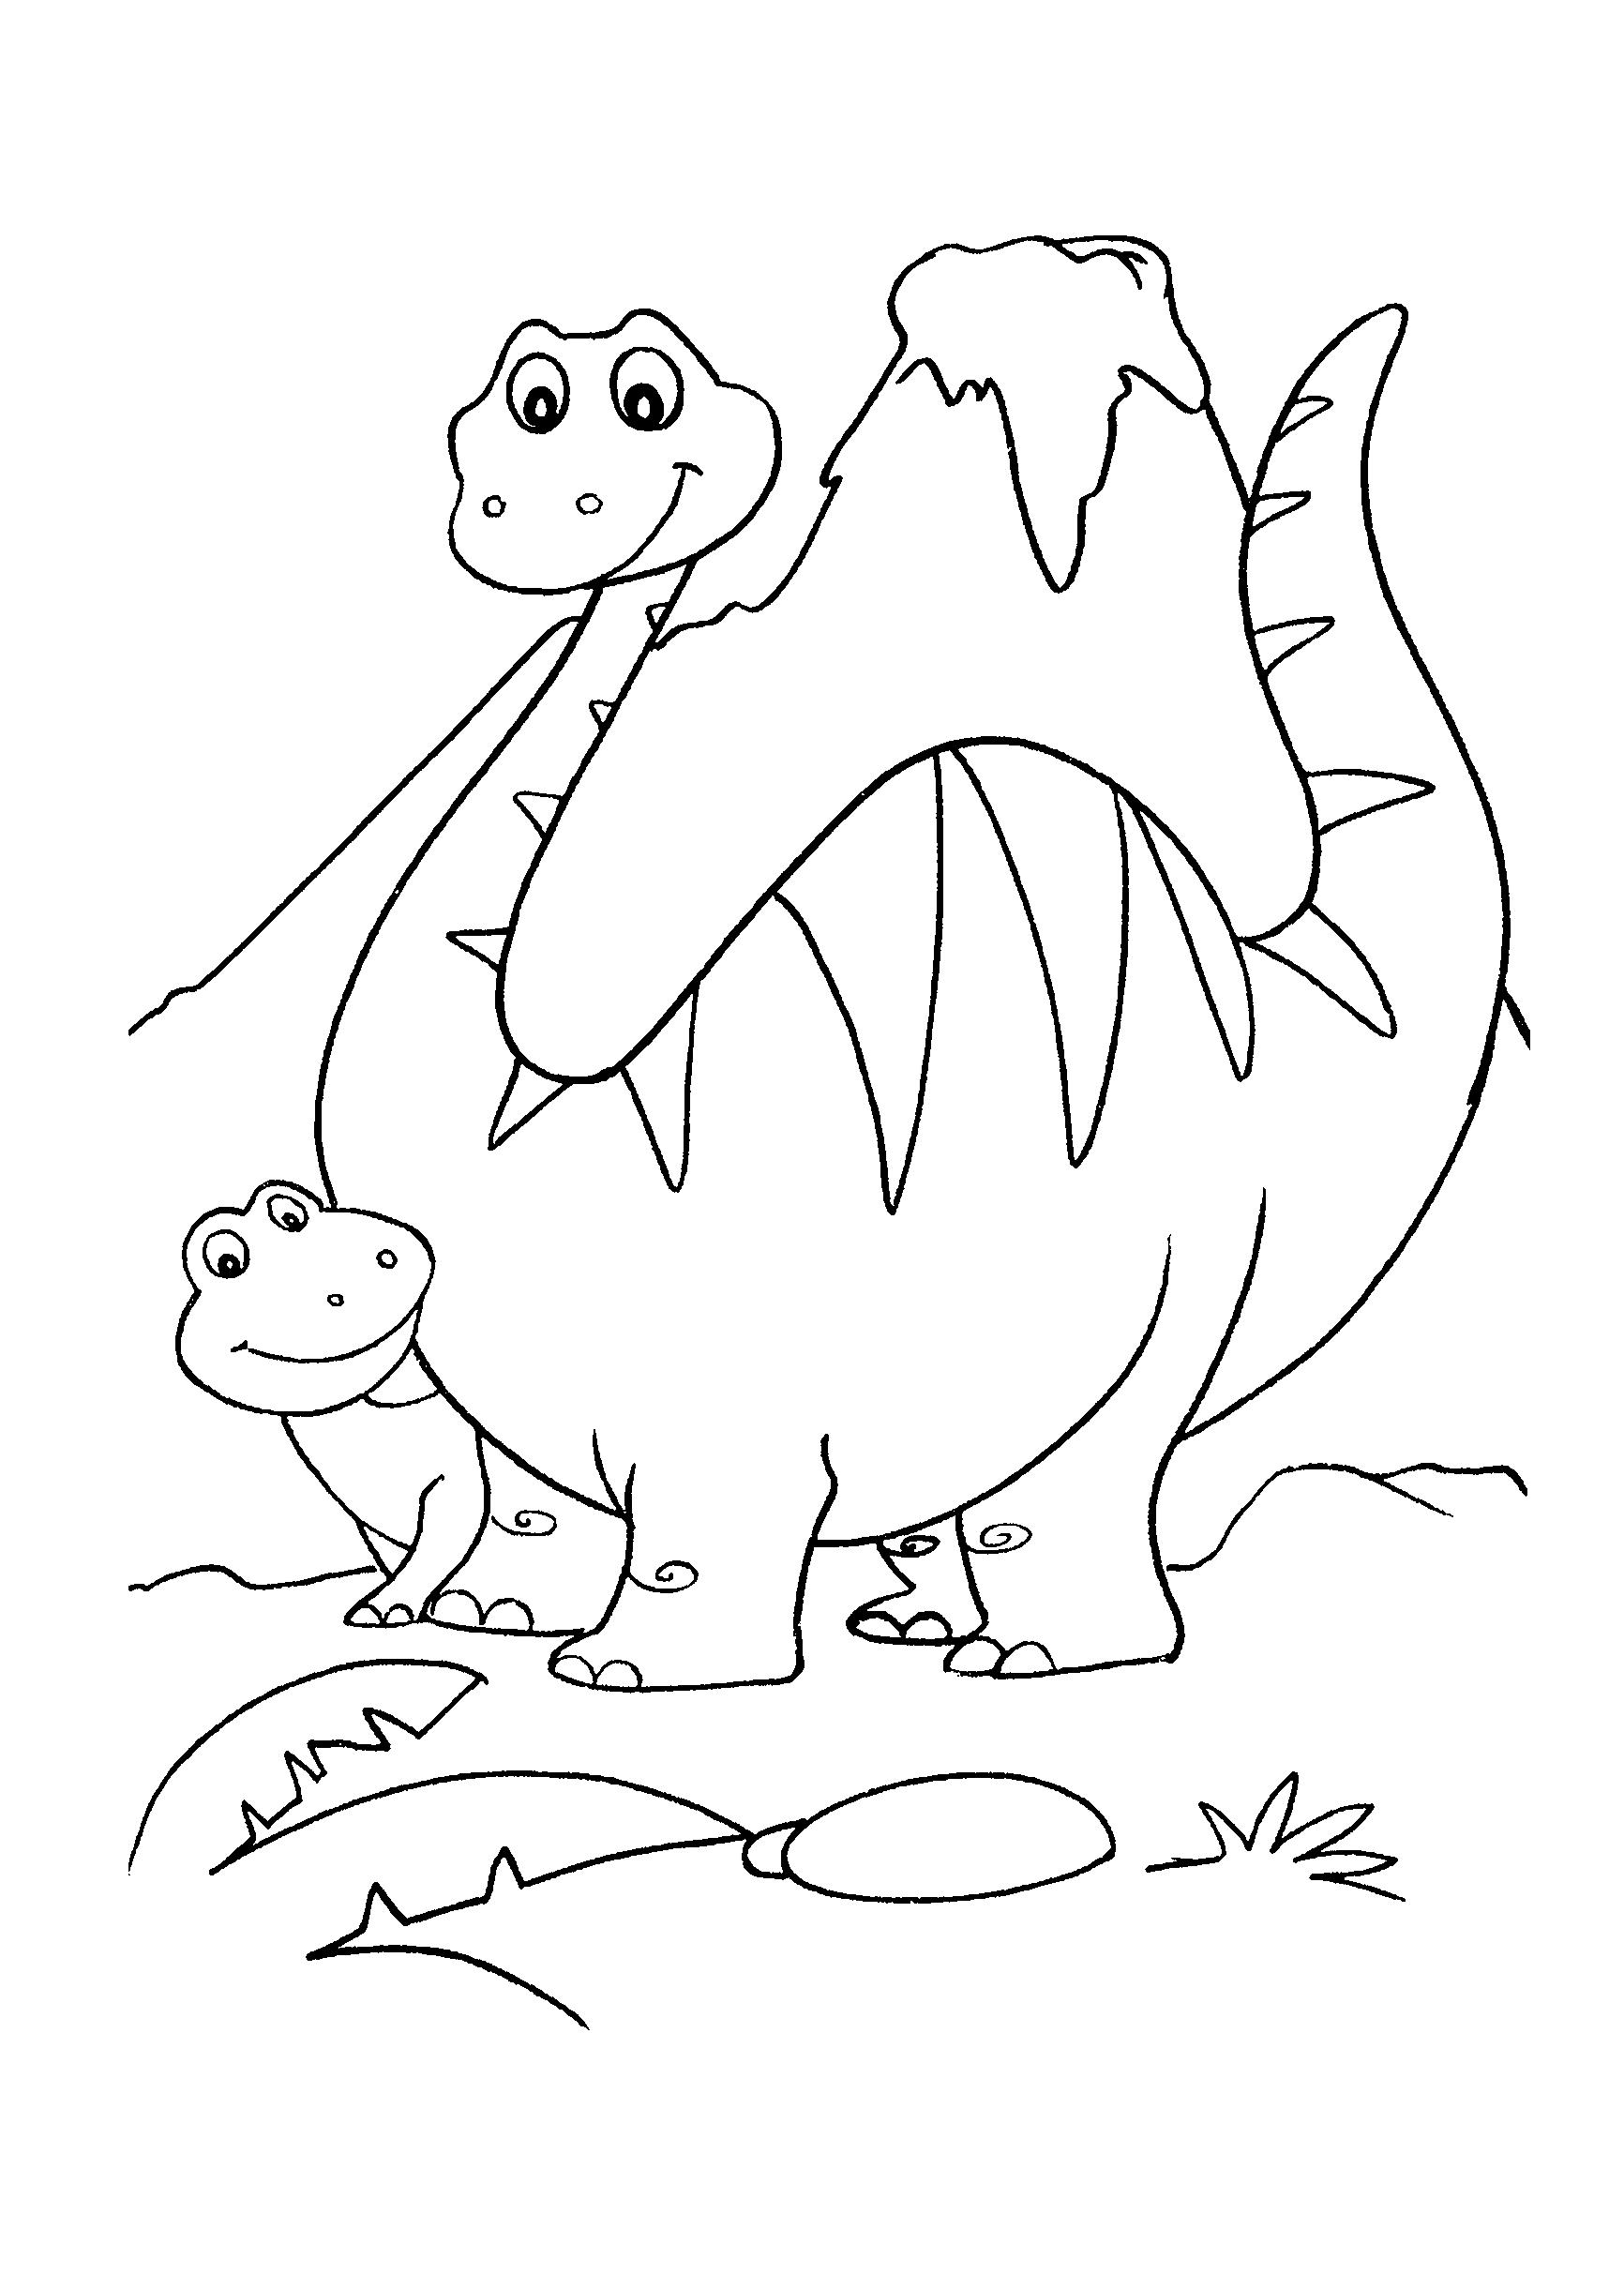 Desenho de Dinossauro bebê debaixo